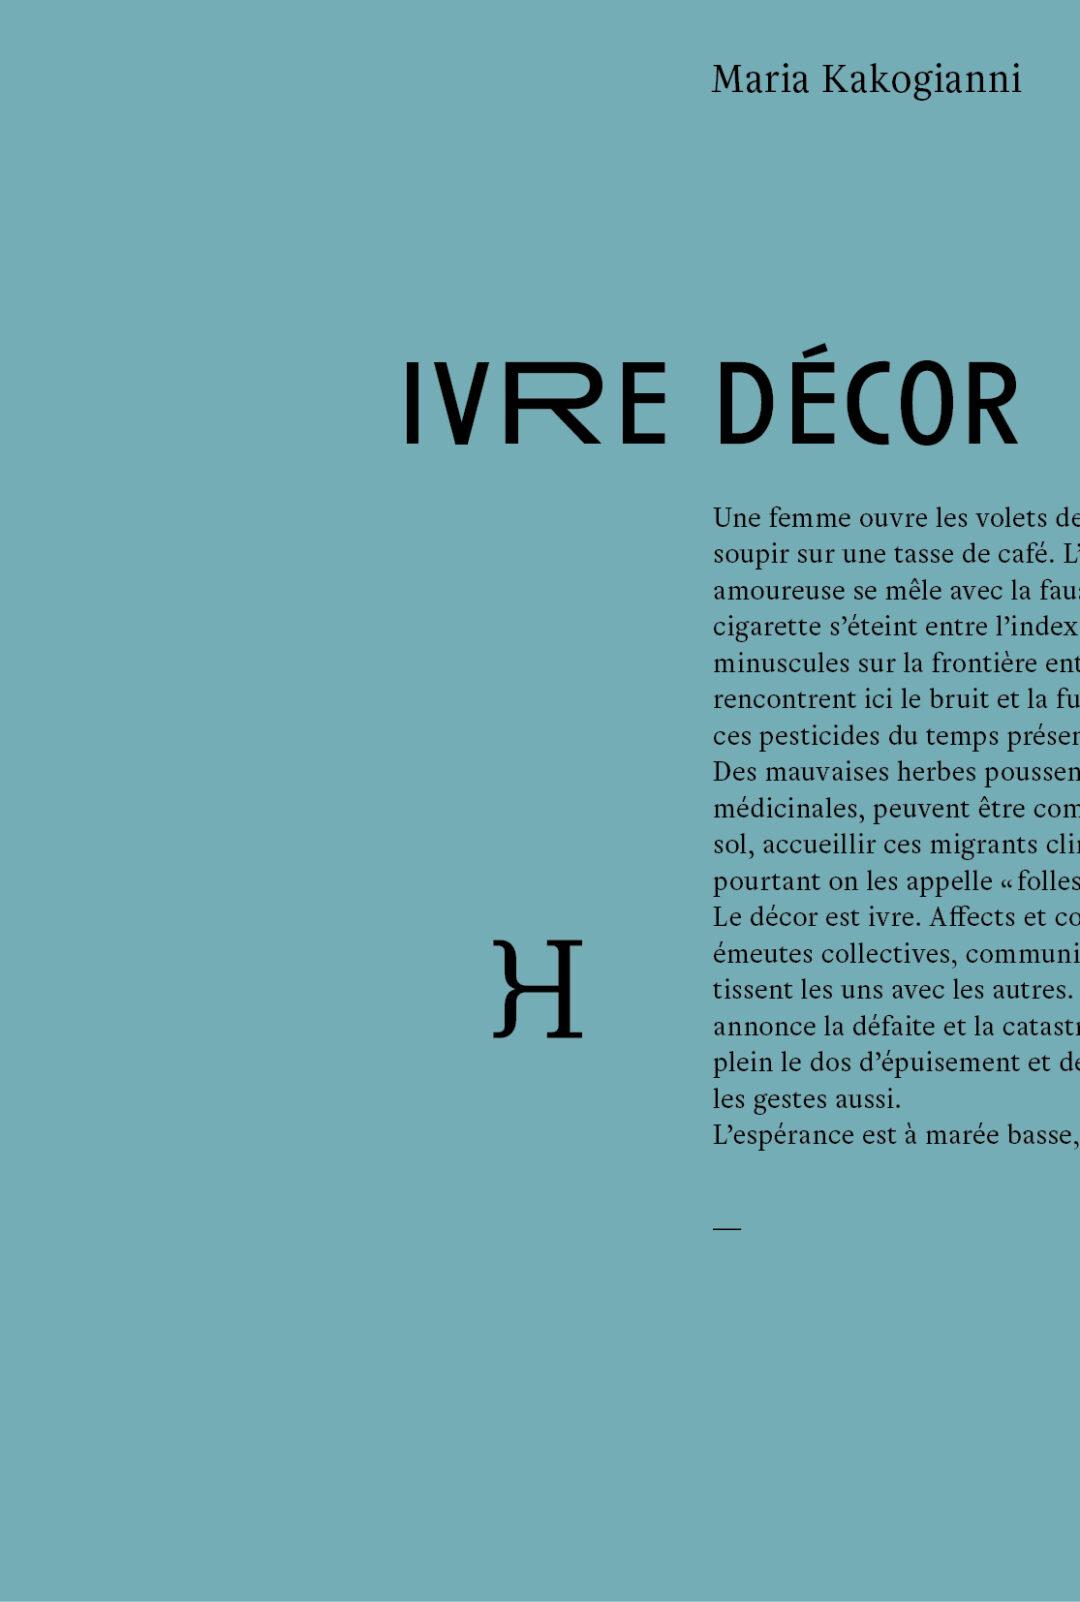 Soirée-Rencontre IVRE DECOR – Hippocampe Editions